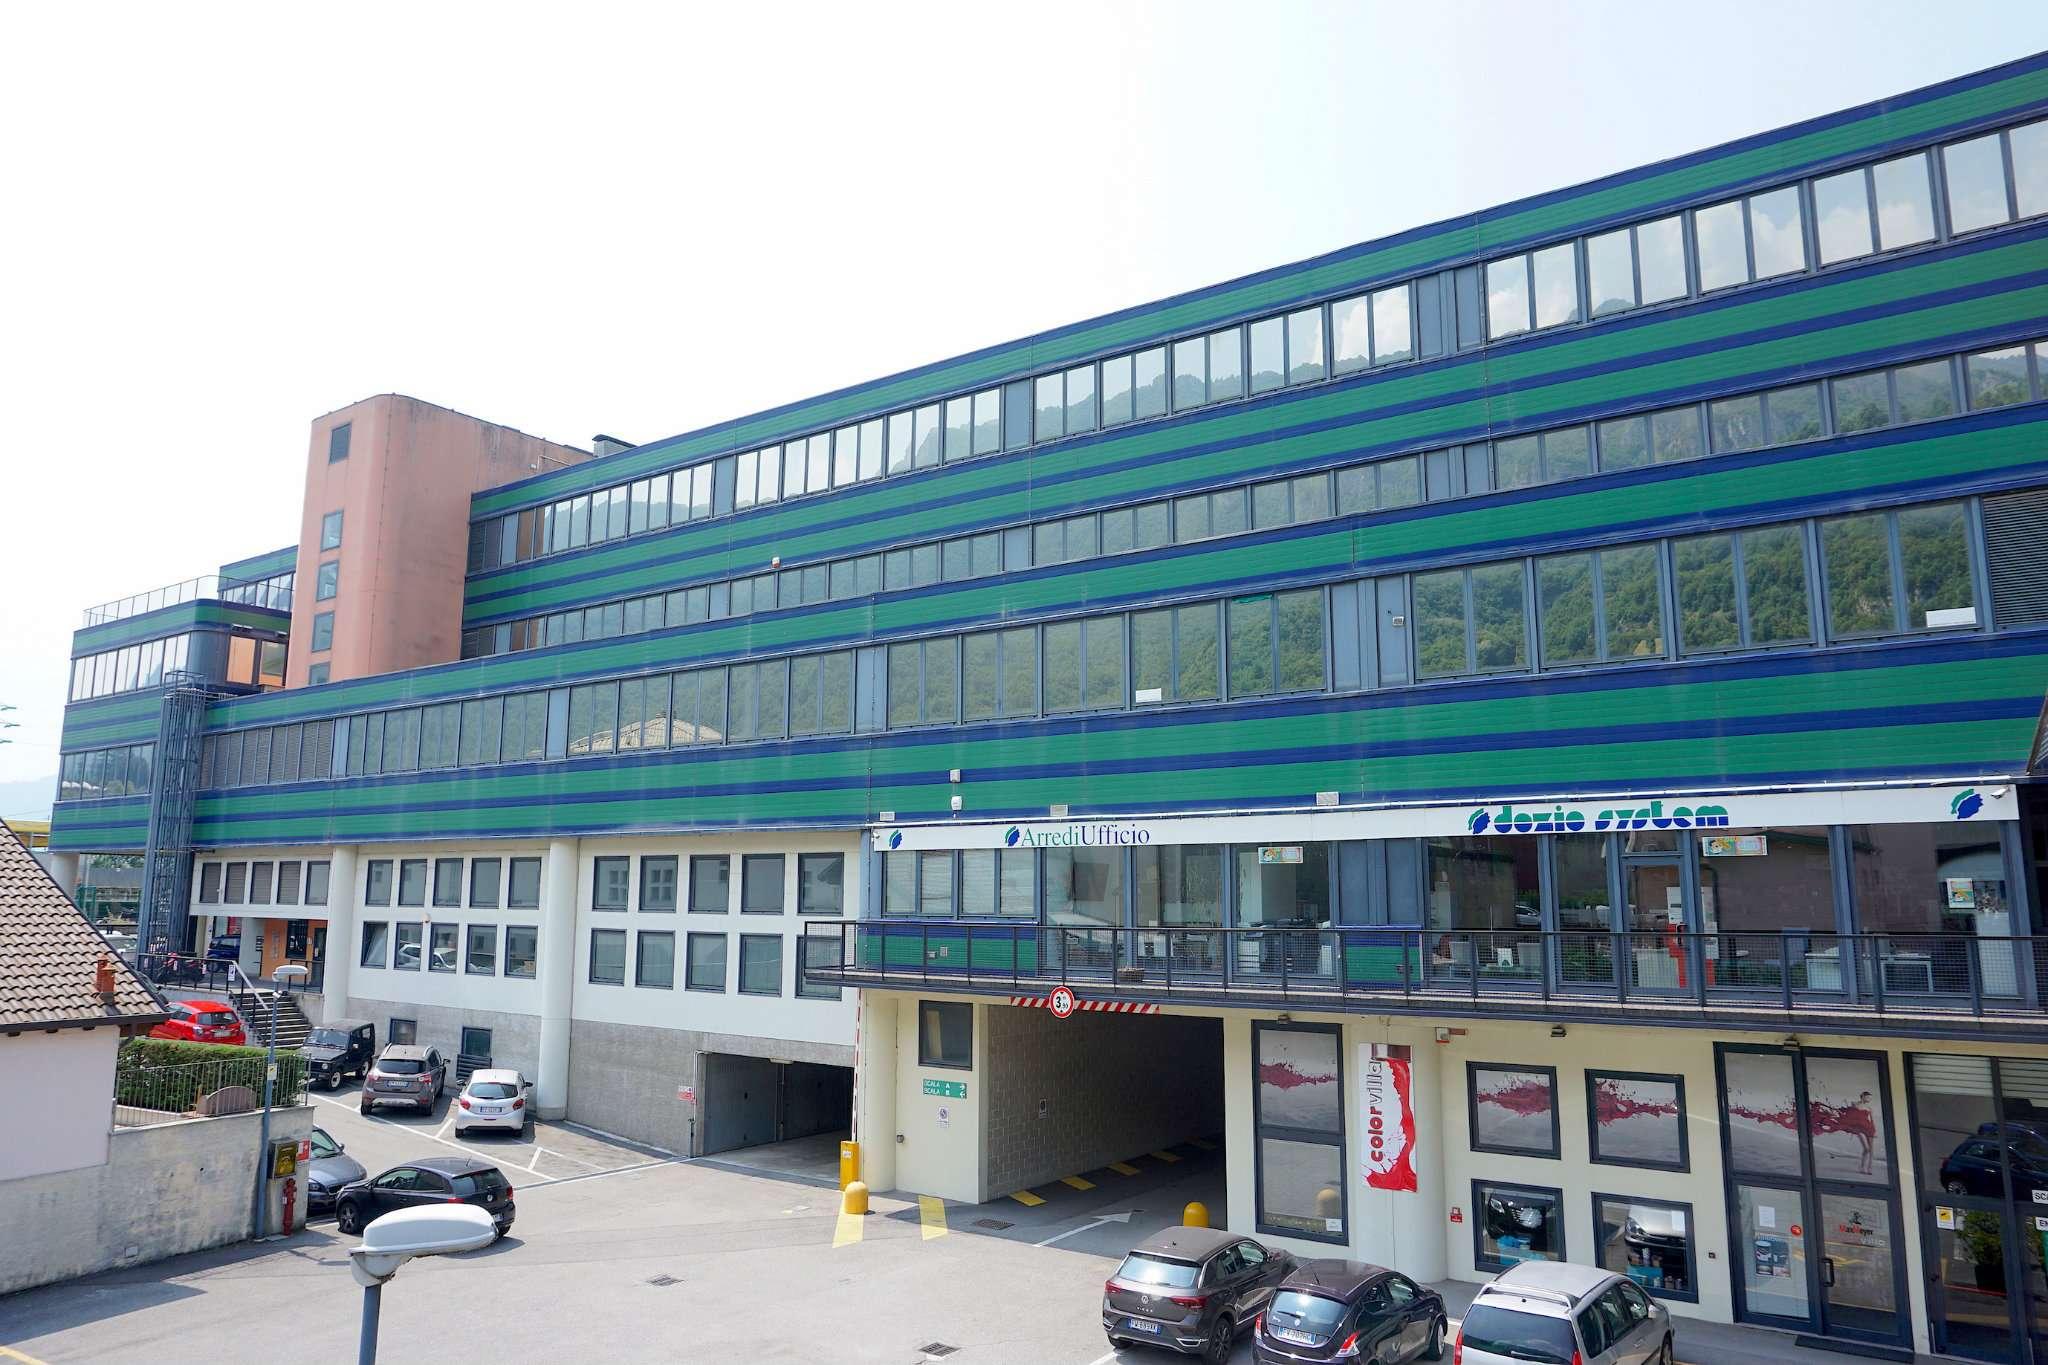 Ufficio-studio in Vendita a Lecco: 4 locali, 150 mq